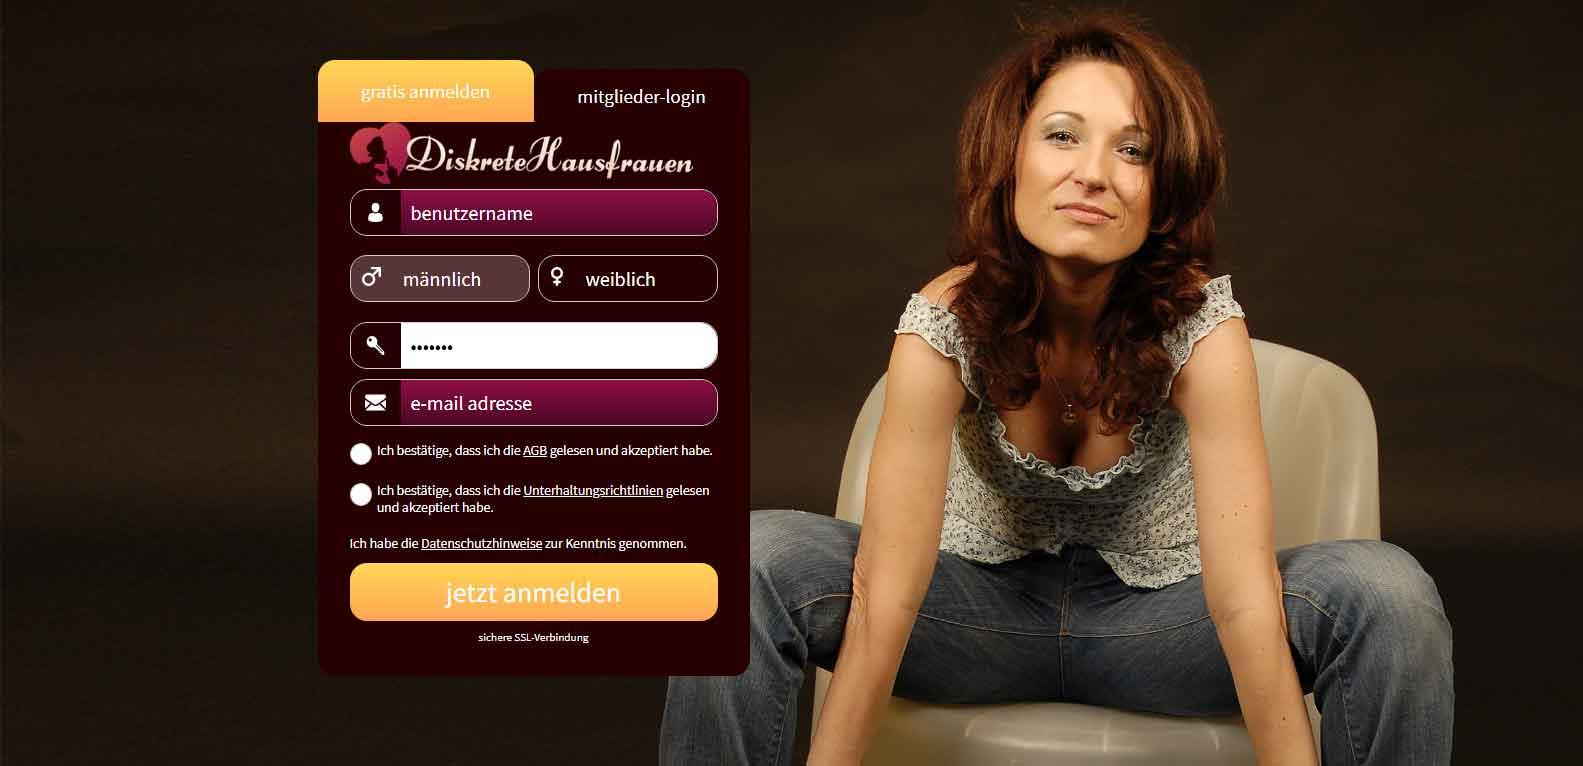 Kostenlose dating portale vergleich